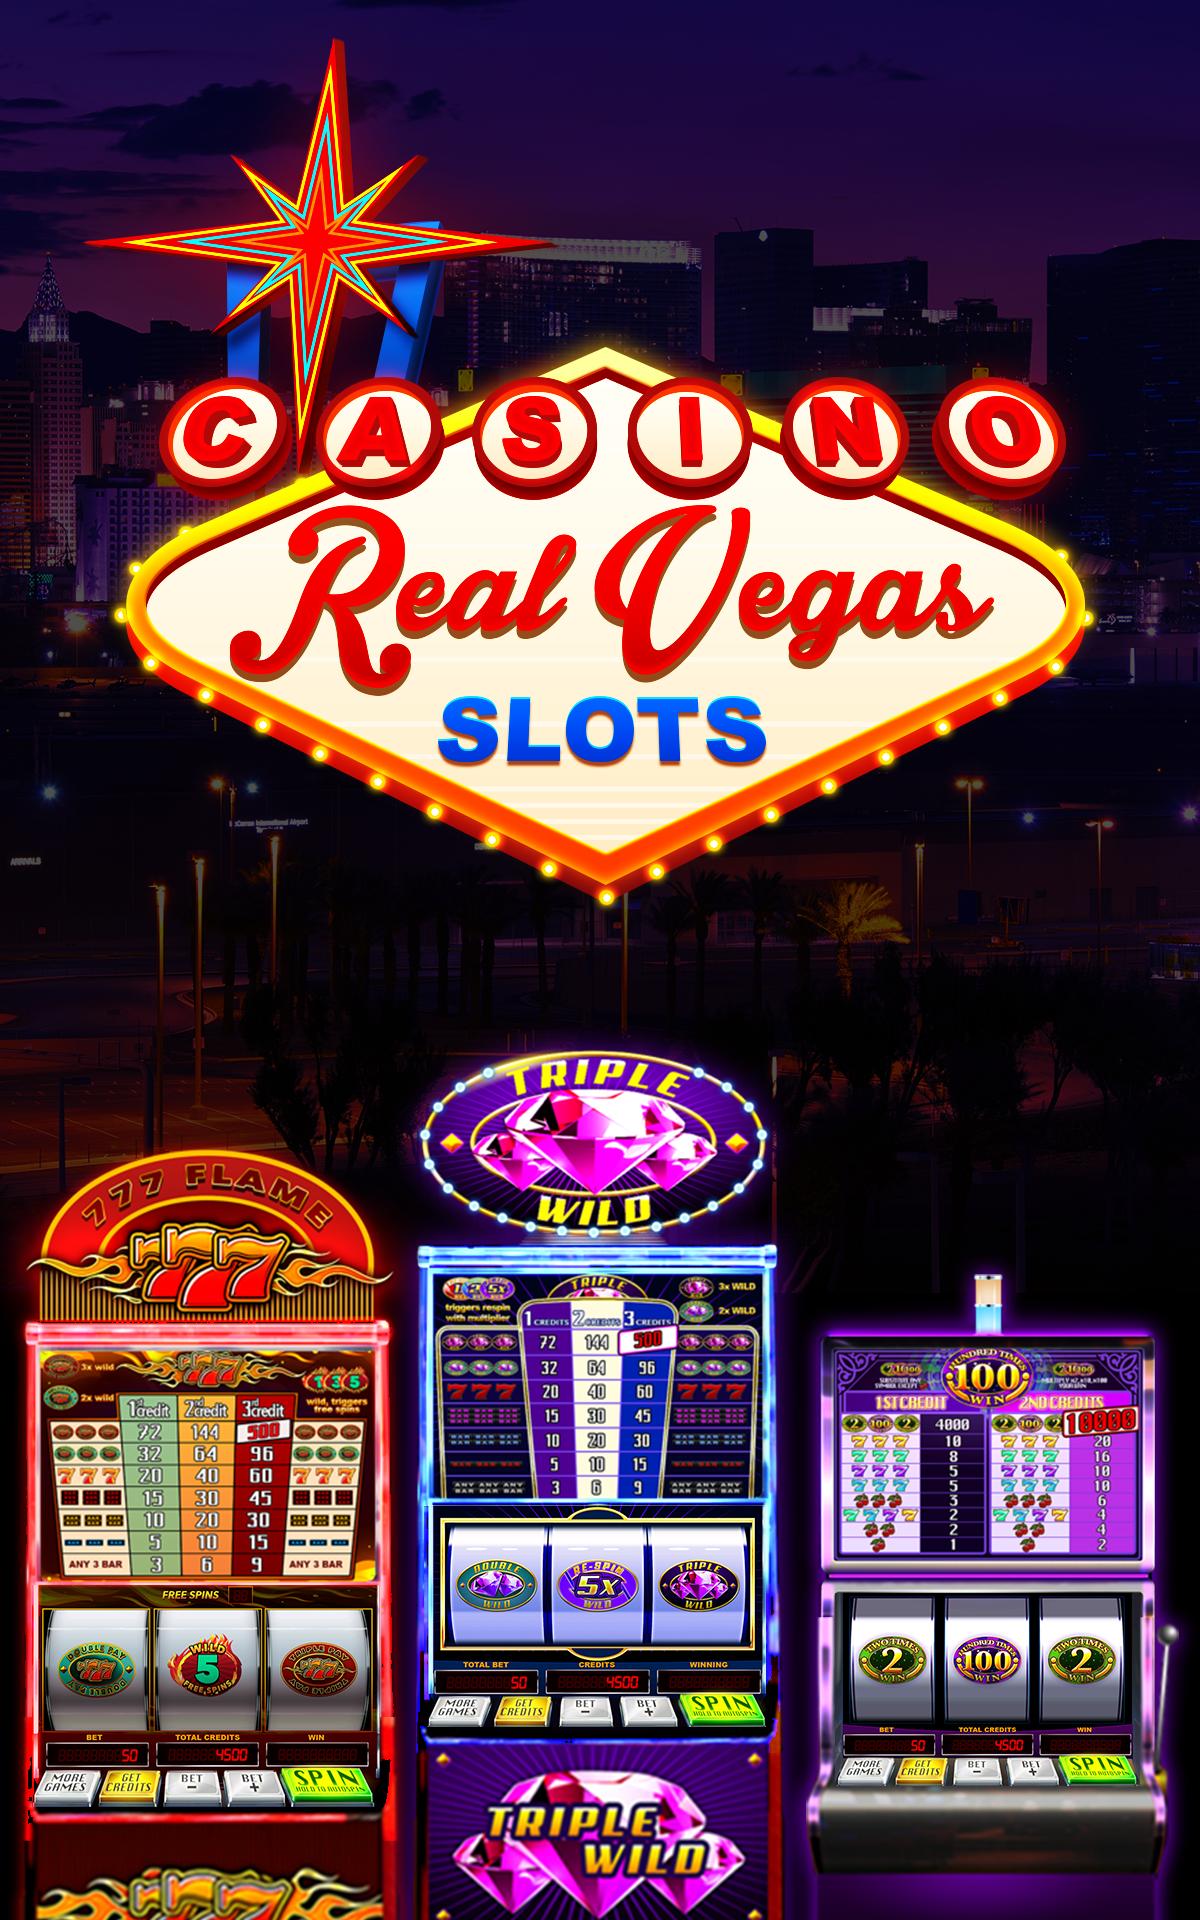 Códigos promocionales Highrollers app casino dinero real-400275